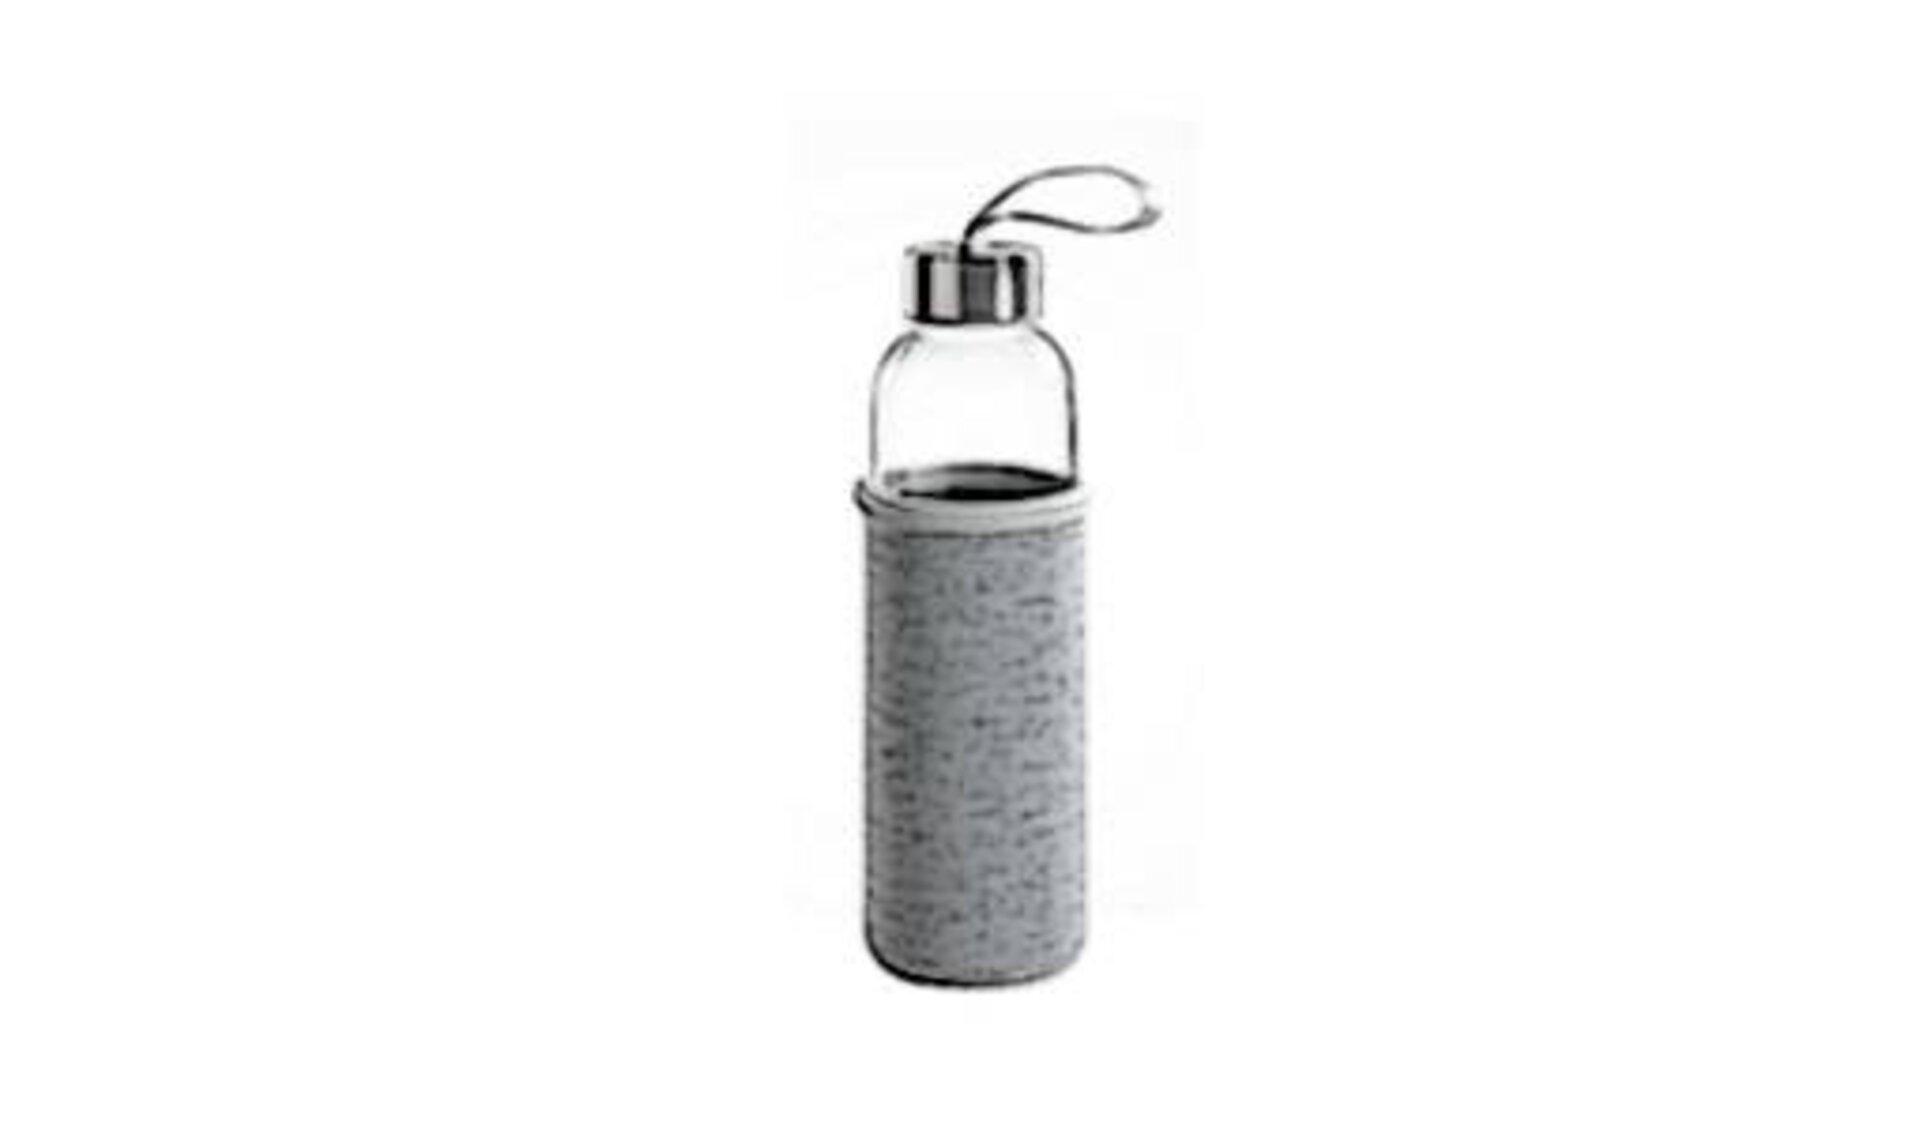 Glasflasche mit großem Deckel und umhüllt mit einem festen Stoff dient als Icon für Trinkflaschen.